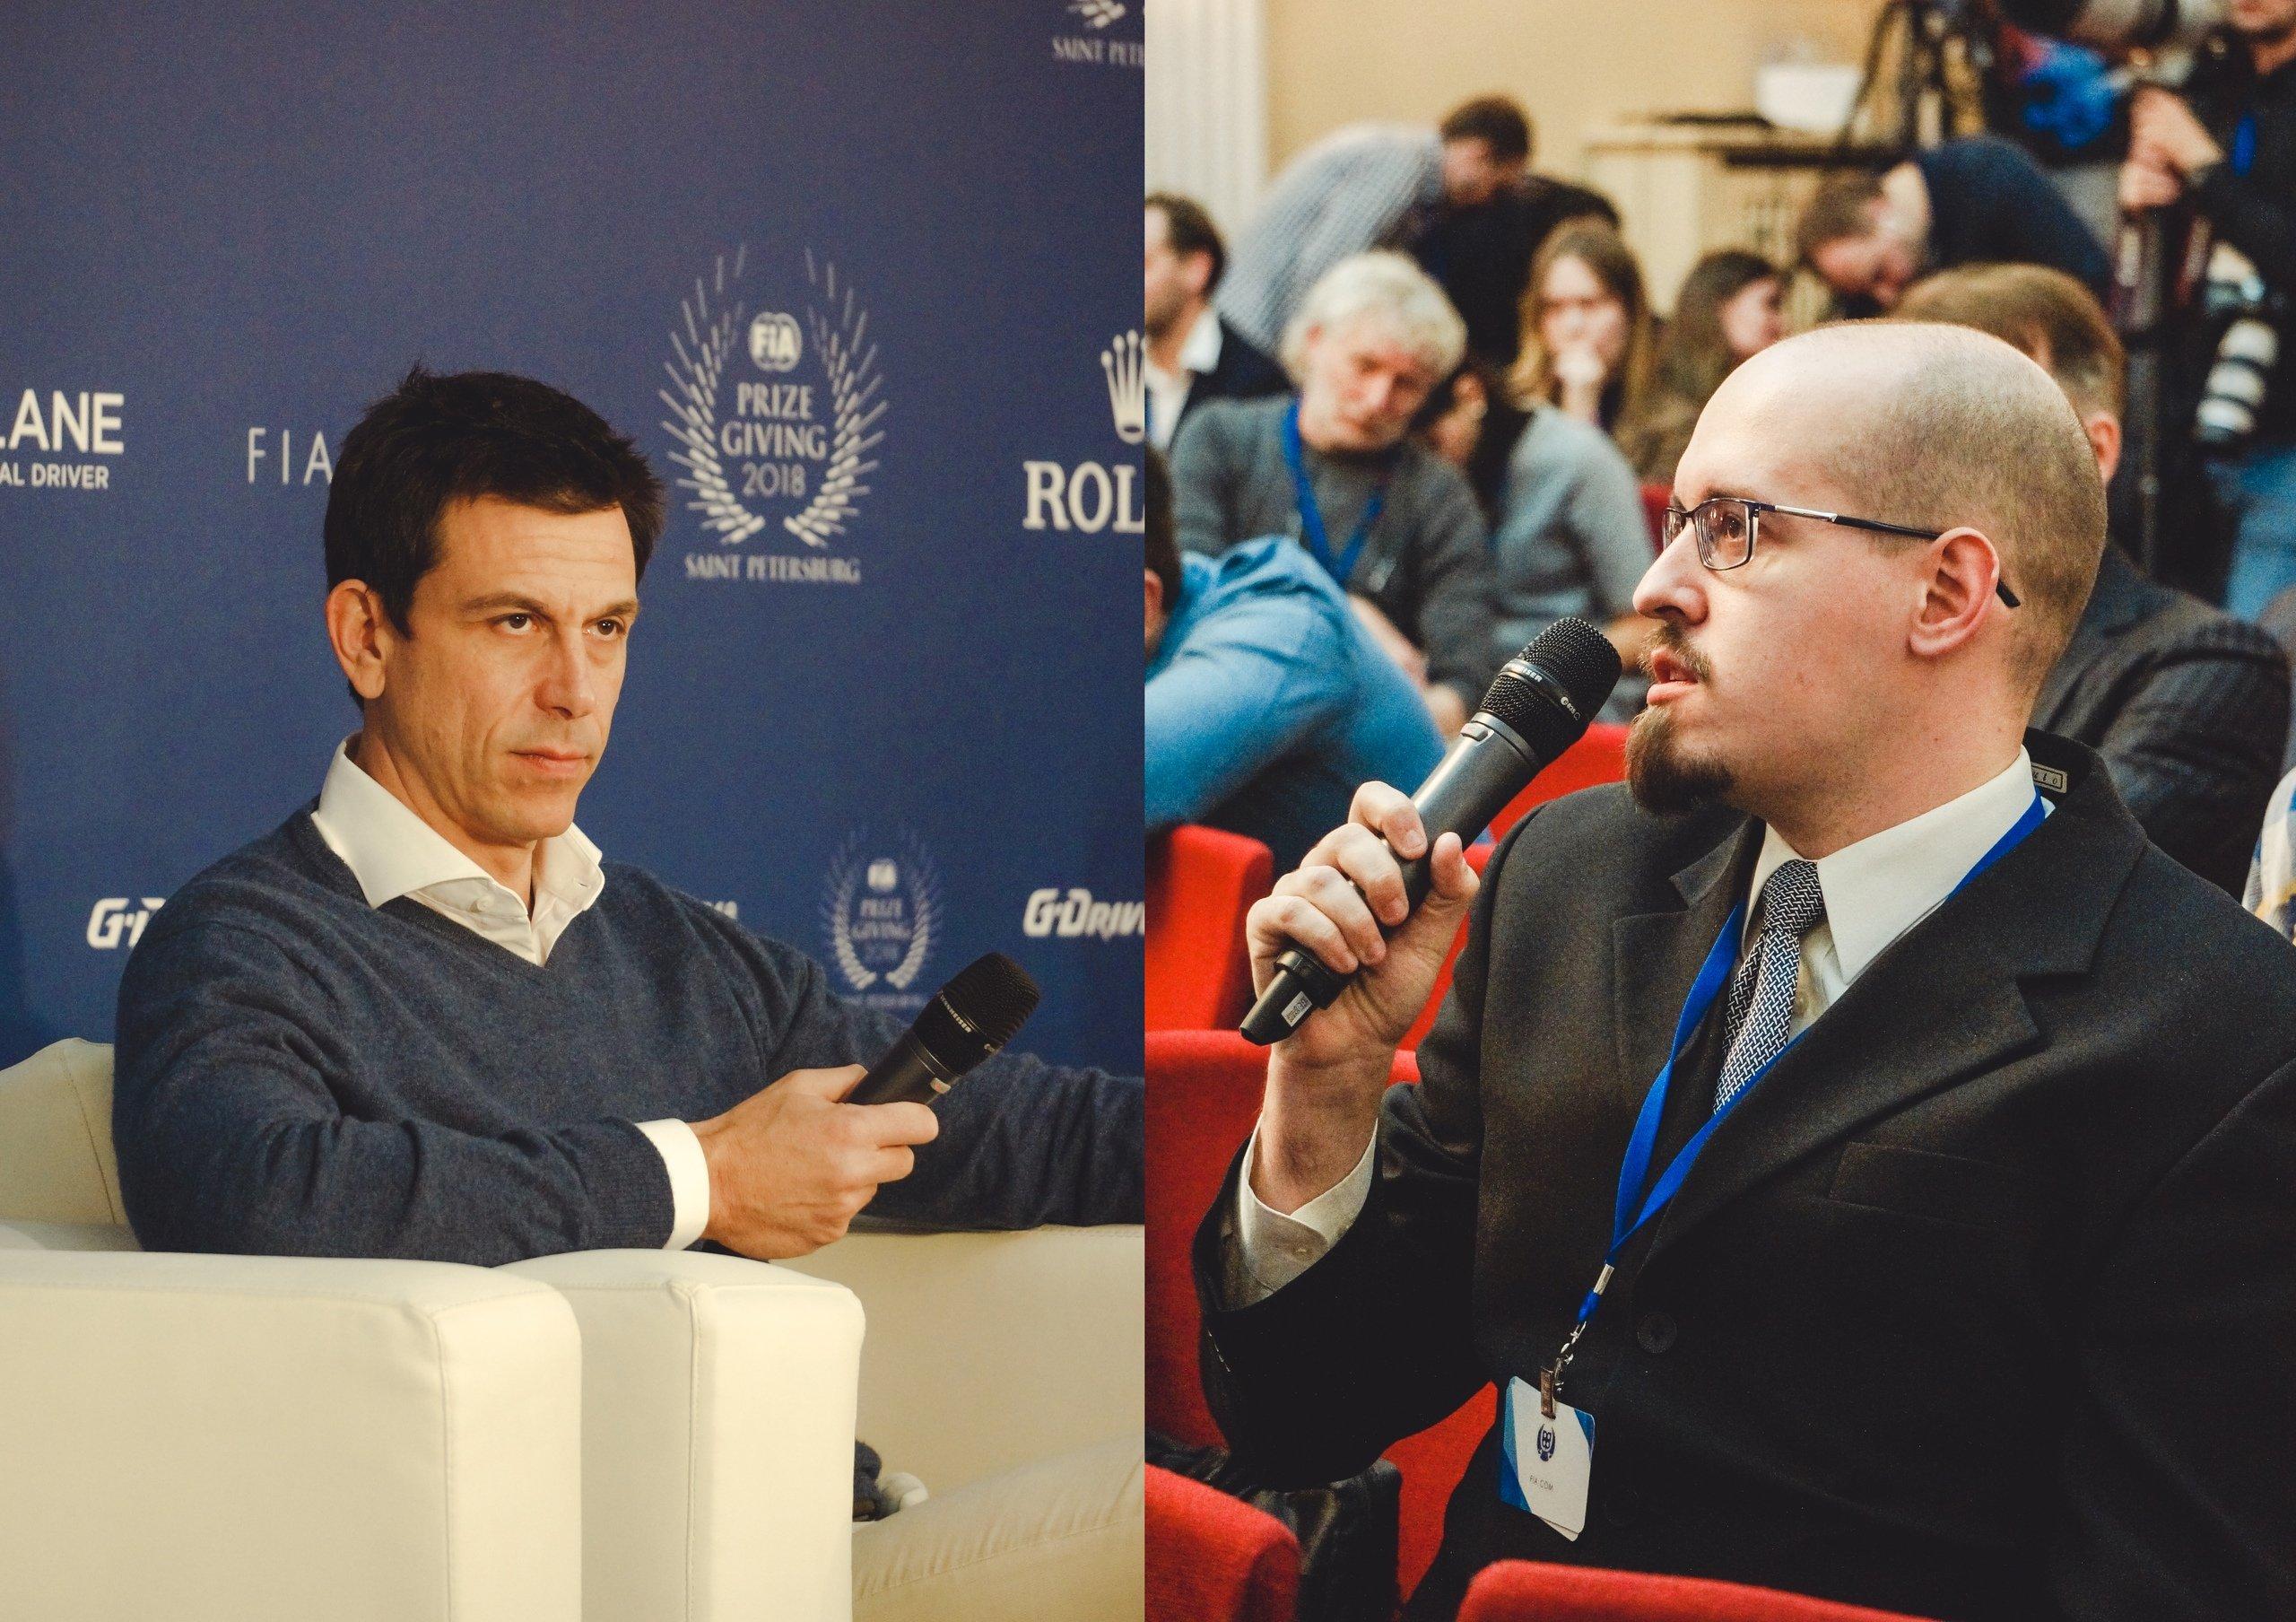 Тото Вольфф отвечает на вопрос Fun Formula на пресс-конференции ФИА в Санкт-Петербурге